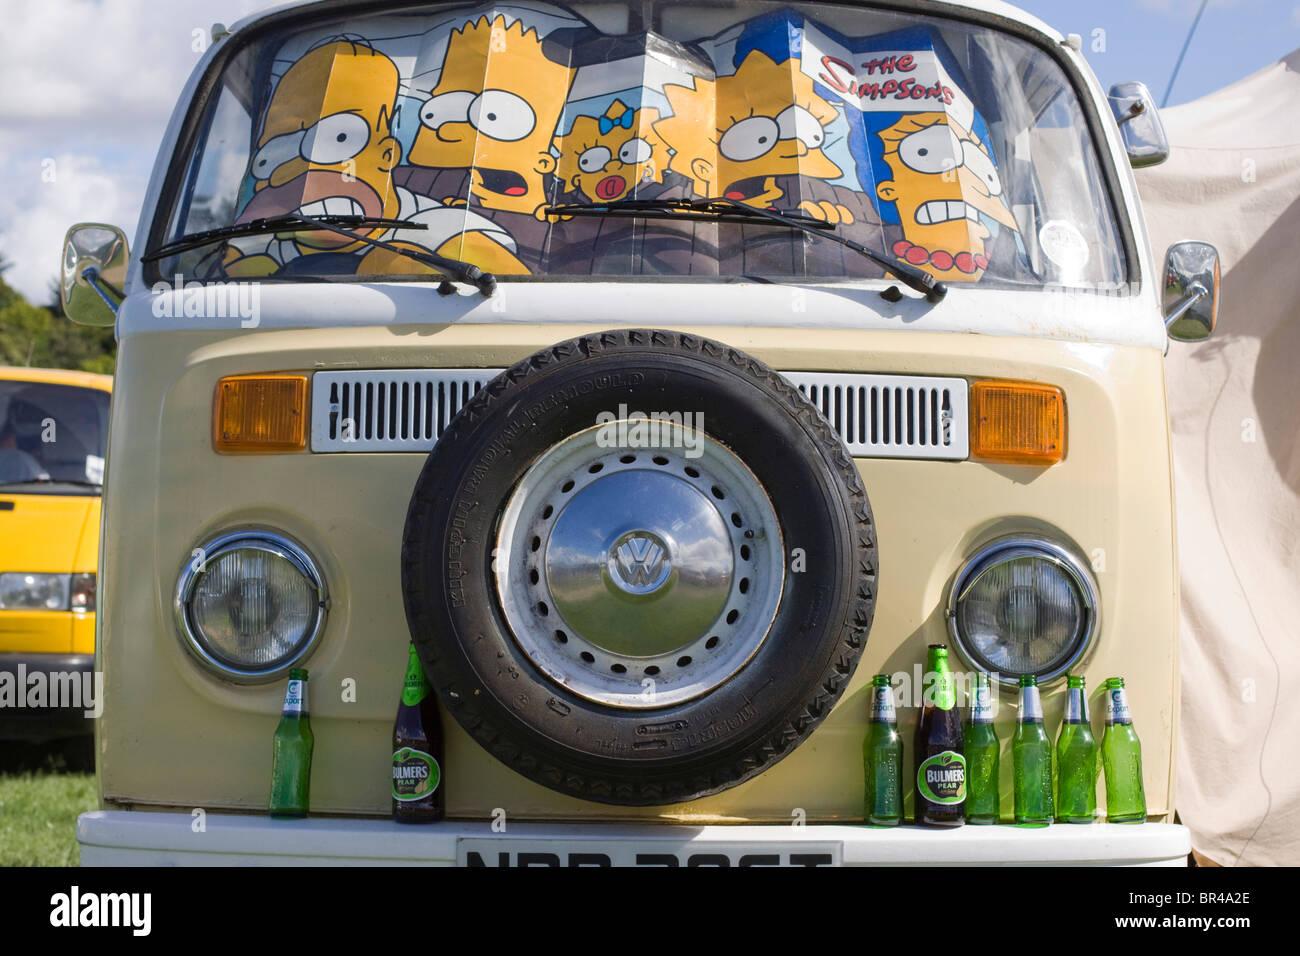 Spray Painted Volkswagen Camper Van - Stock Image